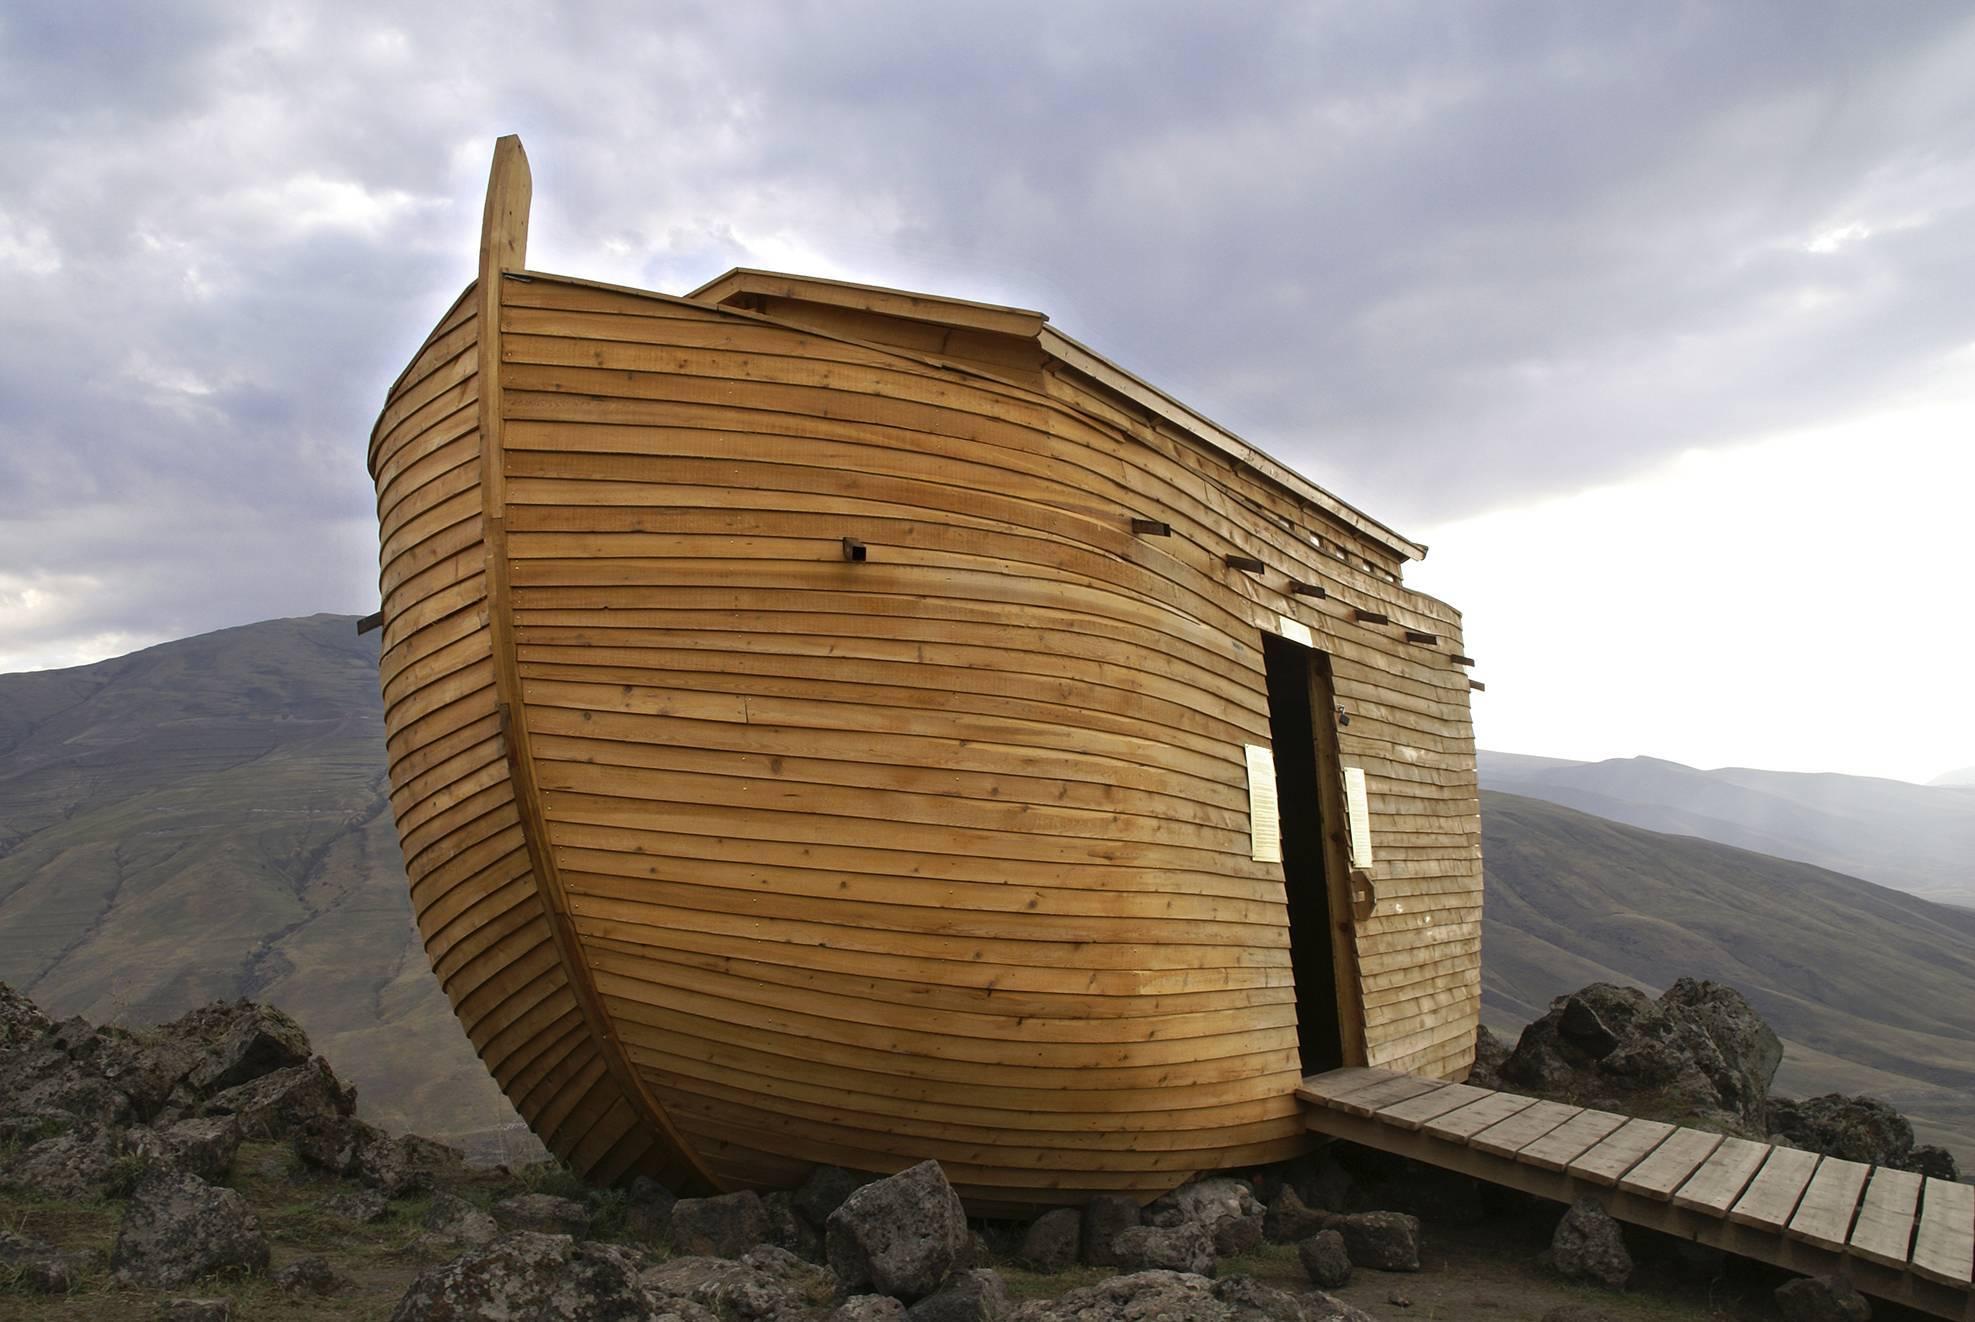 Что такое ковчег? мифы и реальность в истории всемирного потопа